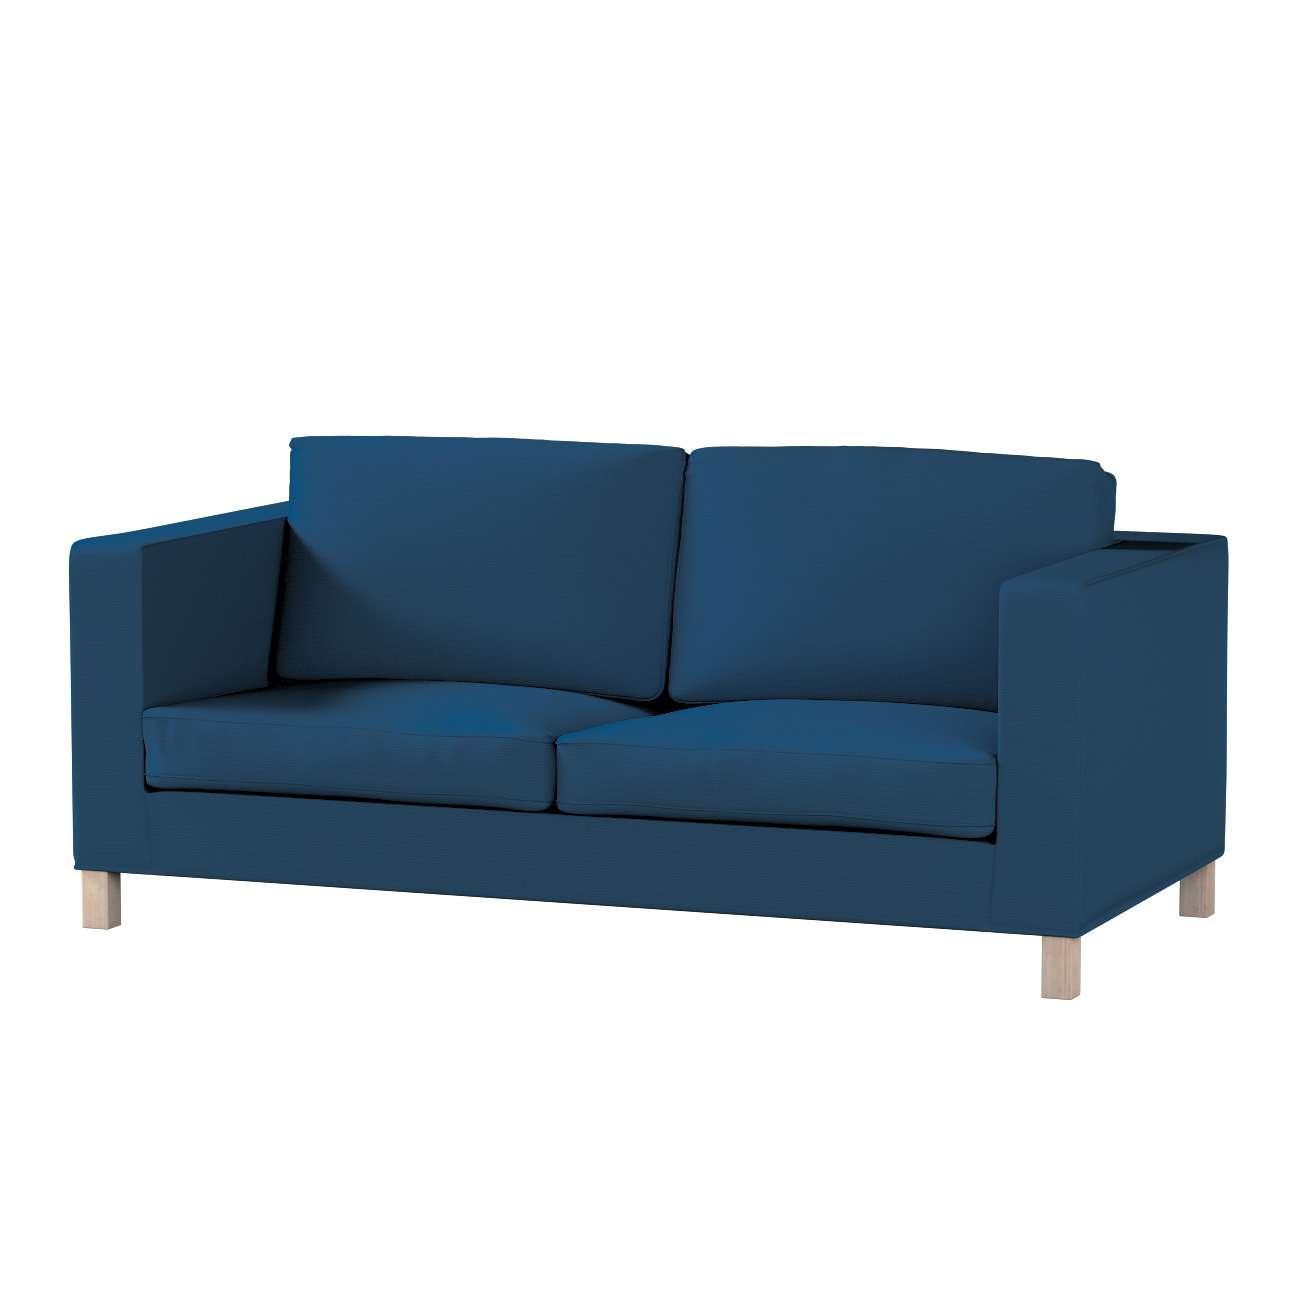 Pokrowiec na sofę Karlanda rozkładaną, krótki Sofa Karlanda rozkładana w kolekcji Cotton Panama, tkanina: 702-30